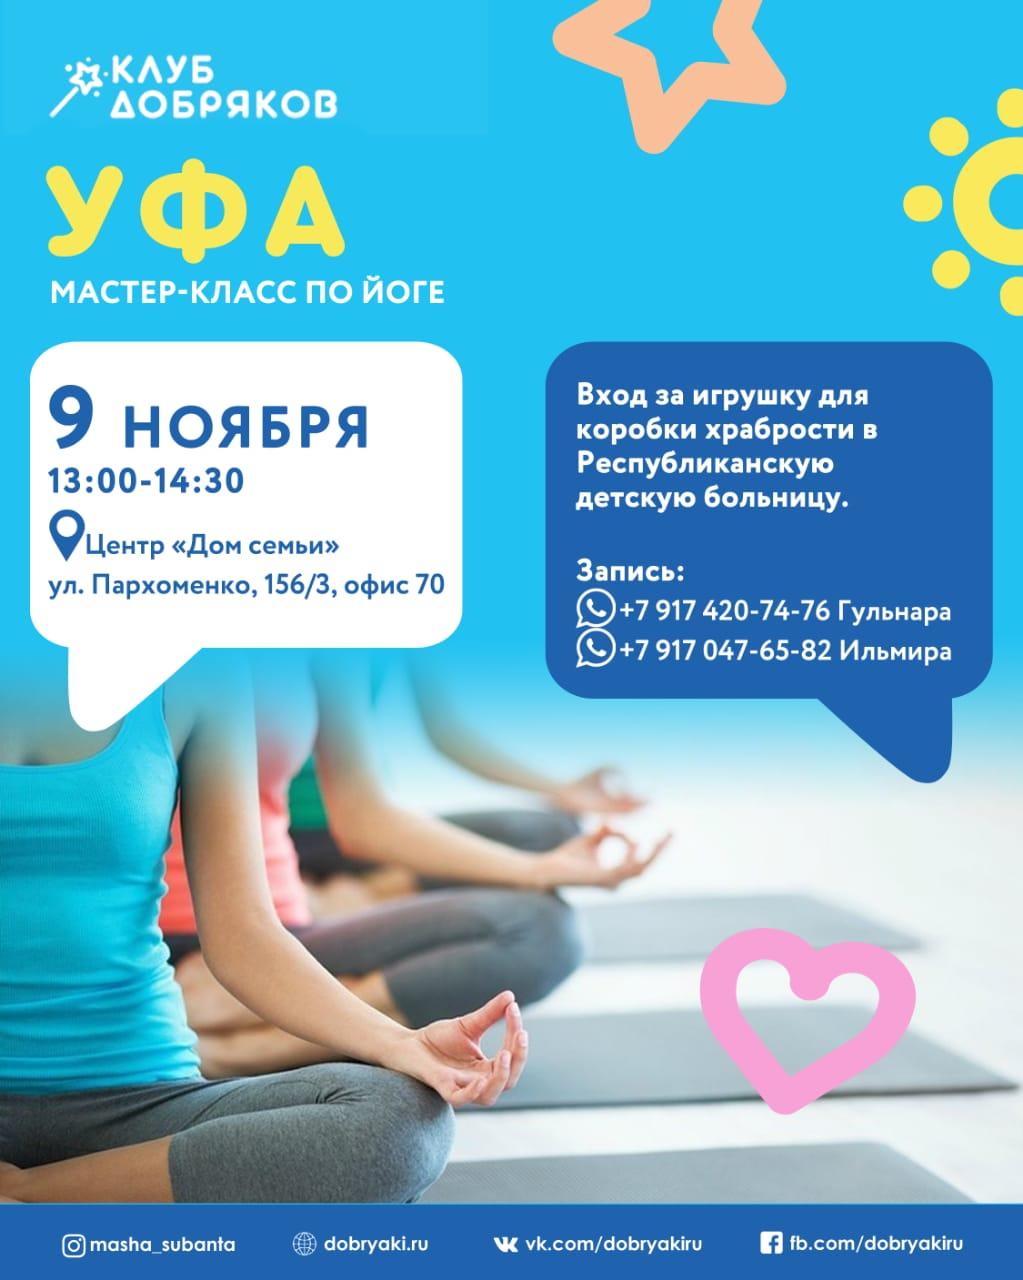 В Уфе состоится благотворительный мастер-класс по йоге